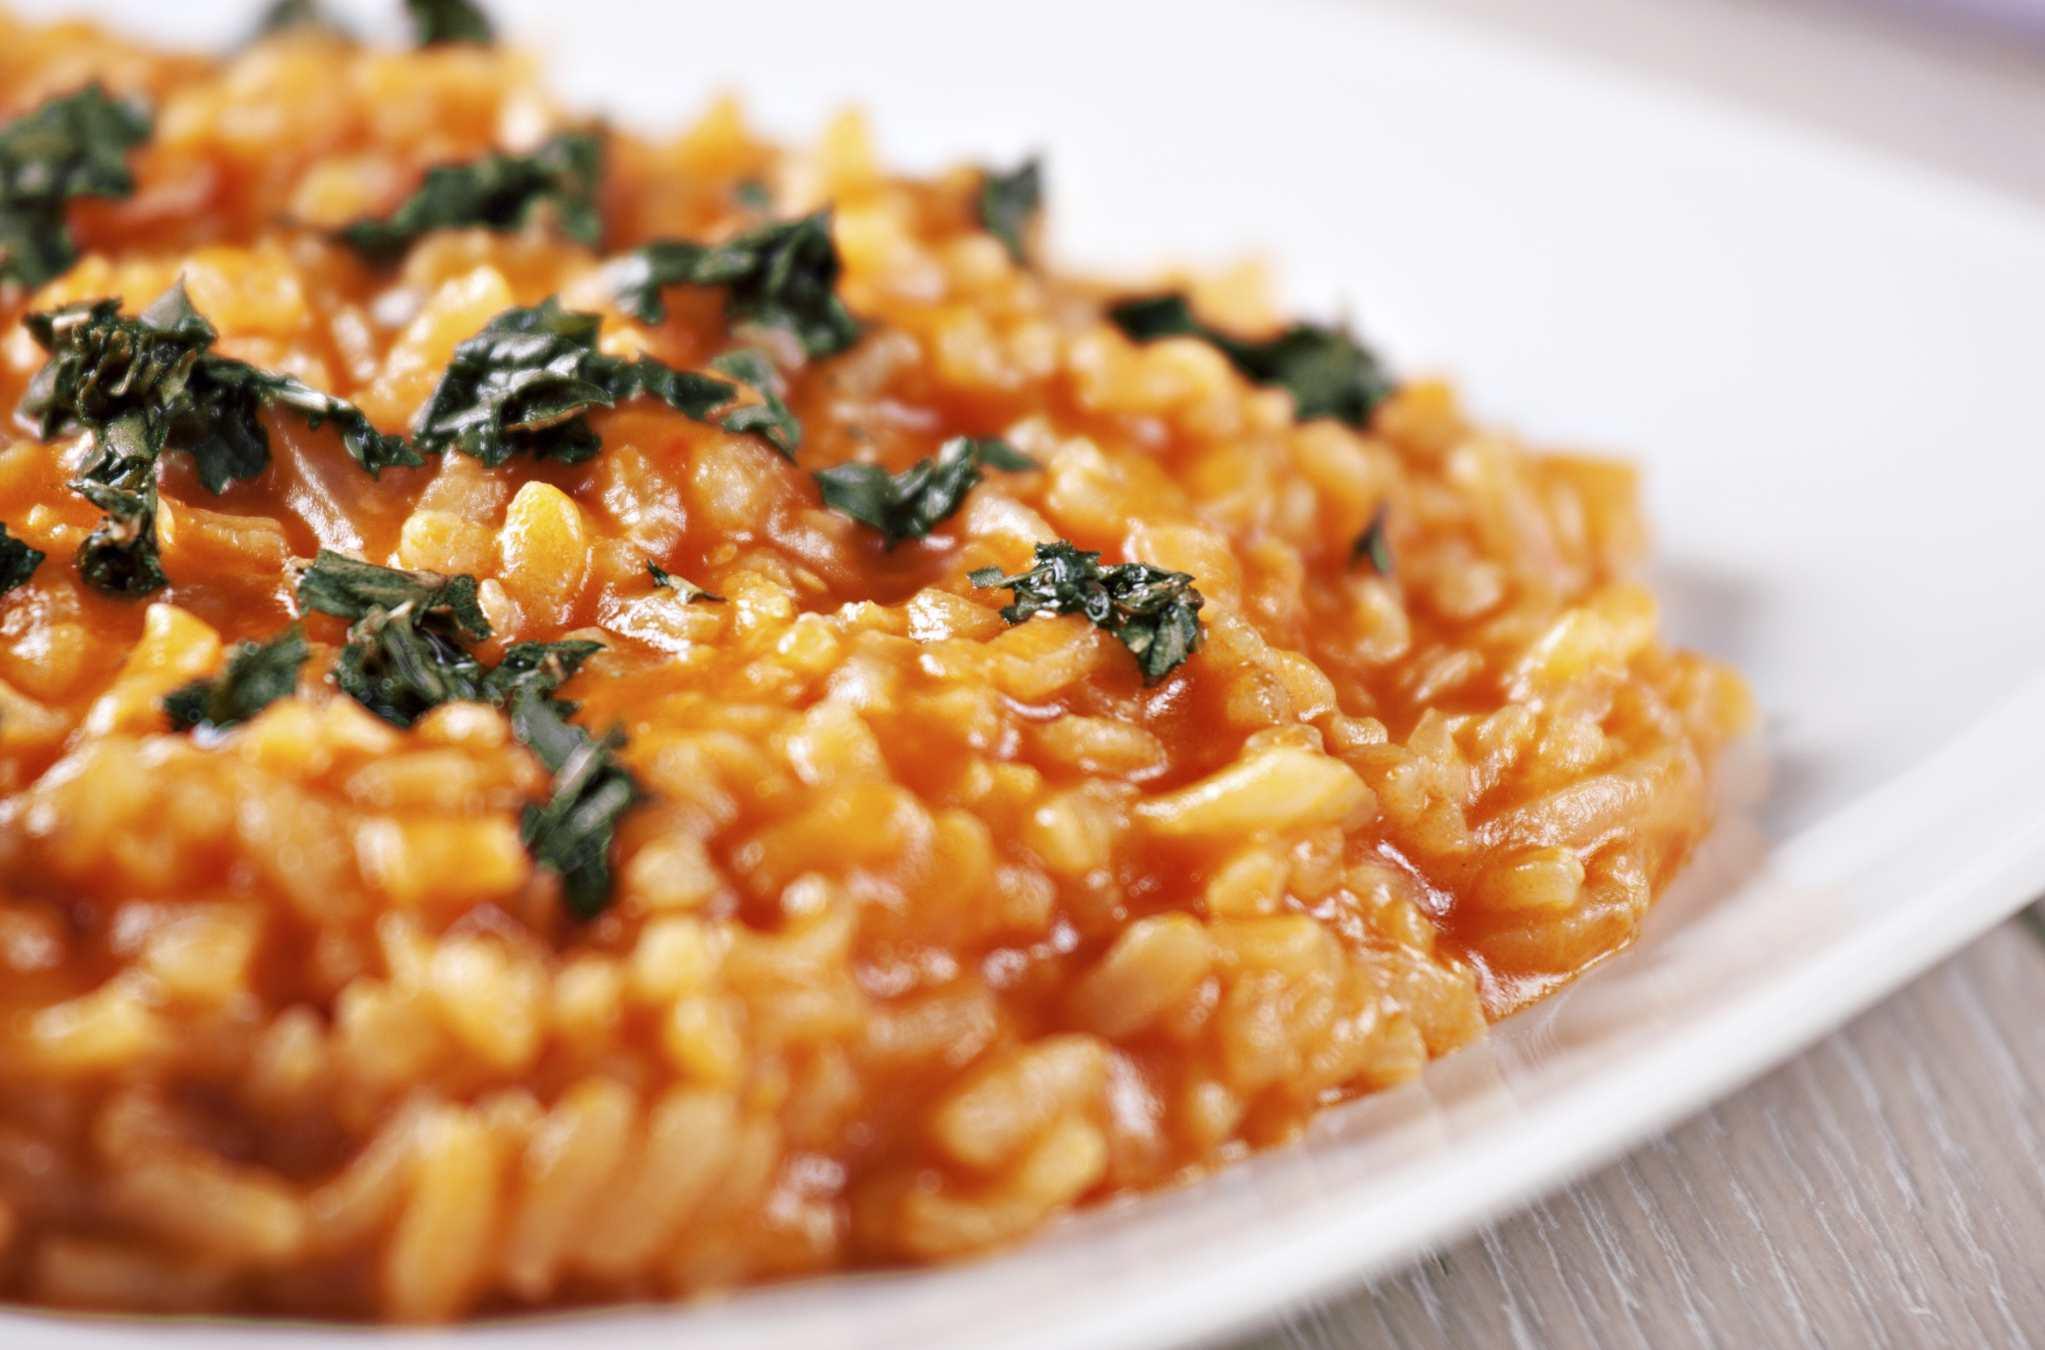 Sun-dried tomato risotto